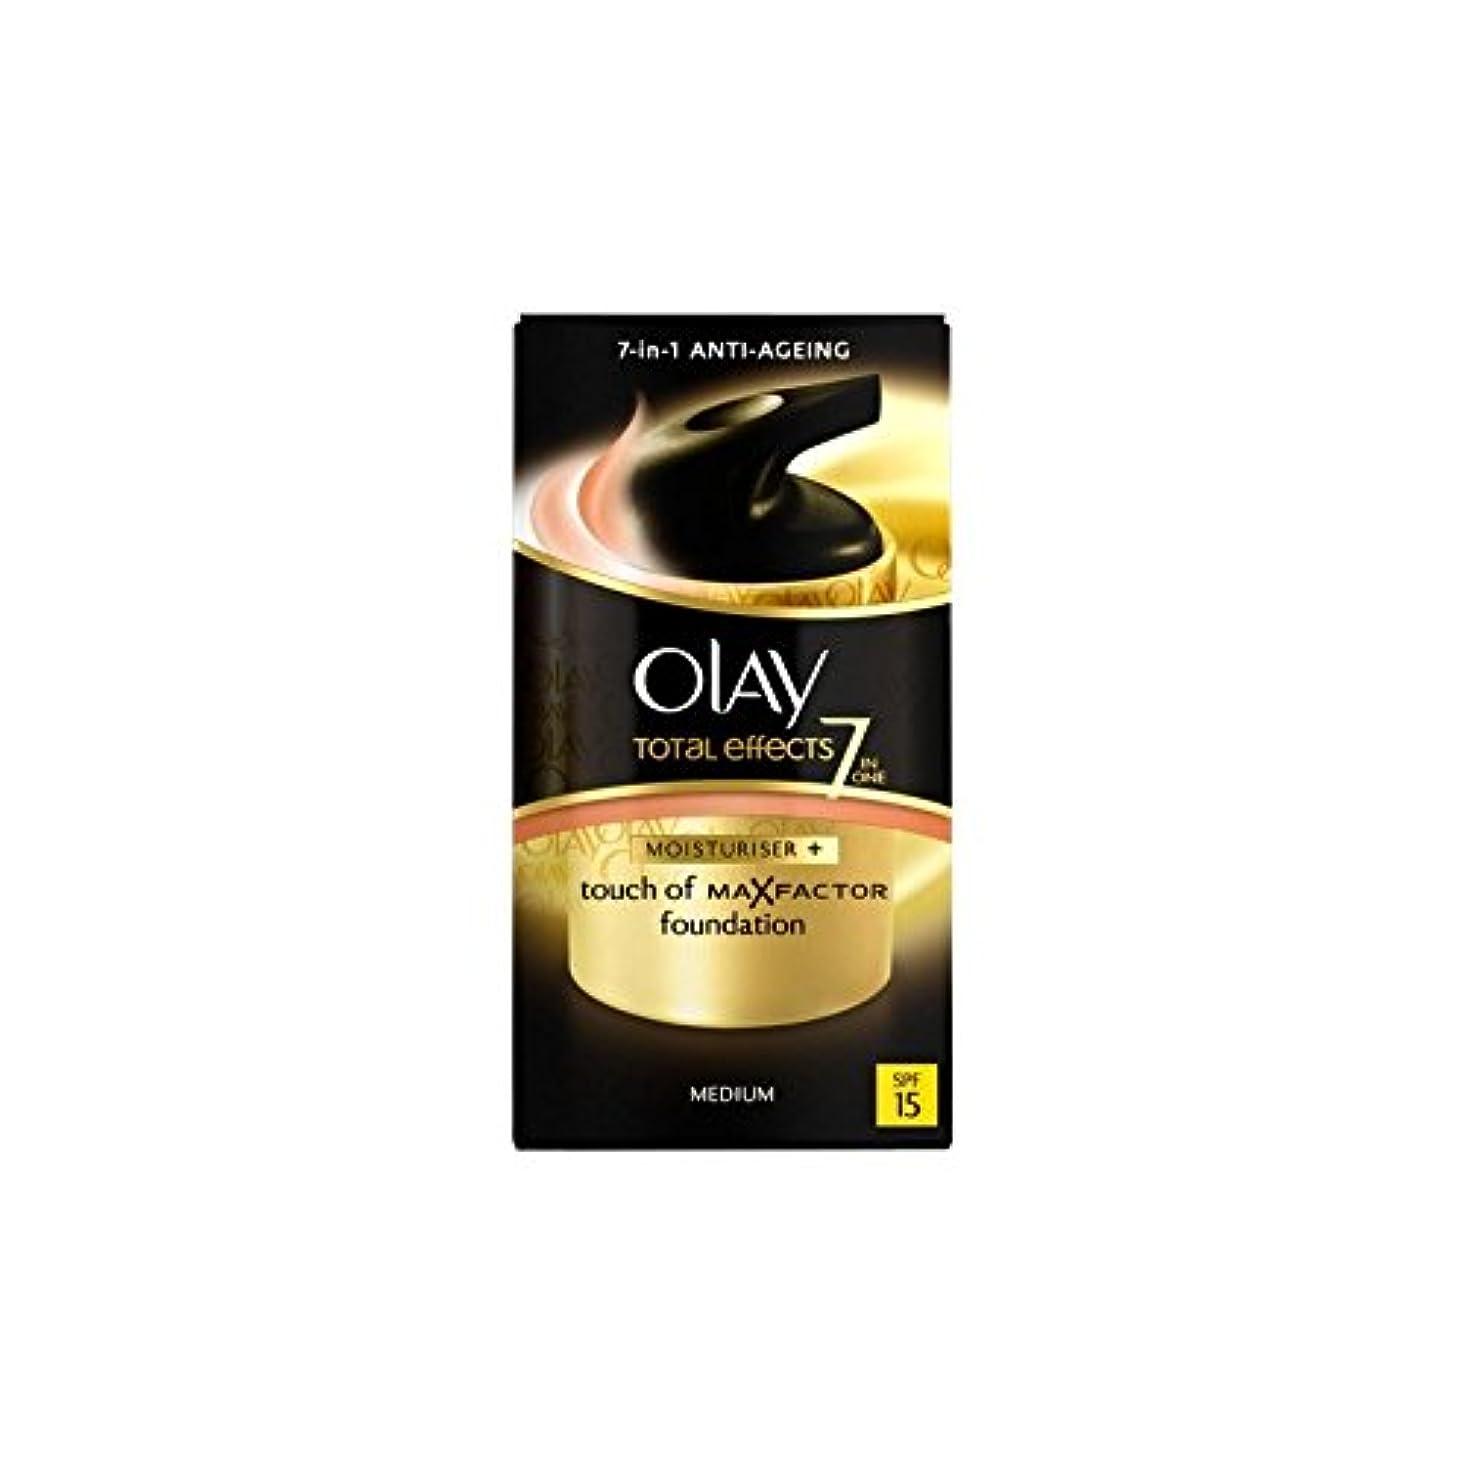 空中十分アンテナオーレイトータルエフェクト保湿クリーム15 - 培地(50ミリリットル) x2 - Olay Total Effects Moisturiser Bb Cream Spf15 - Medium (50ml) (Pack of 2) [並行輸入品]